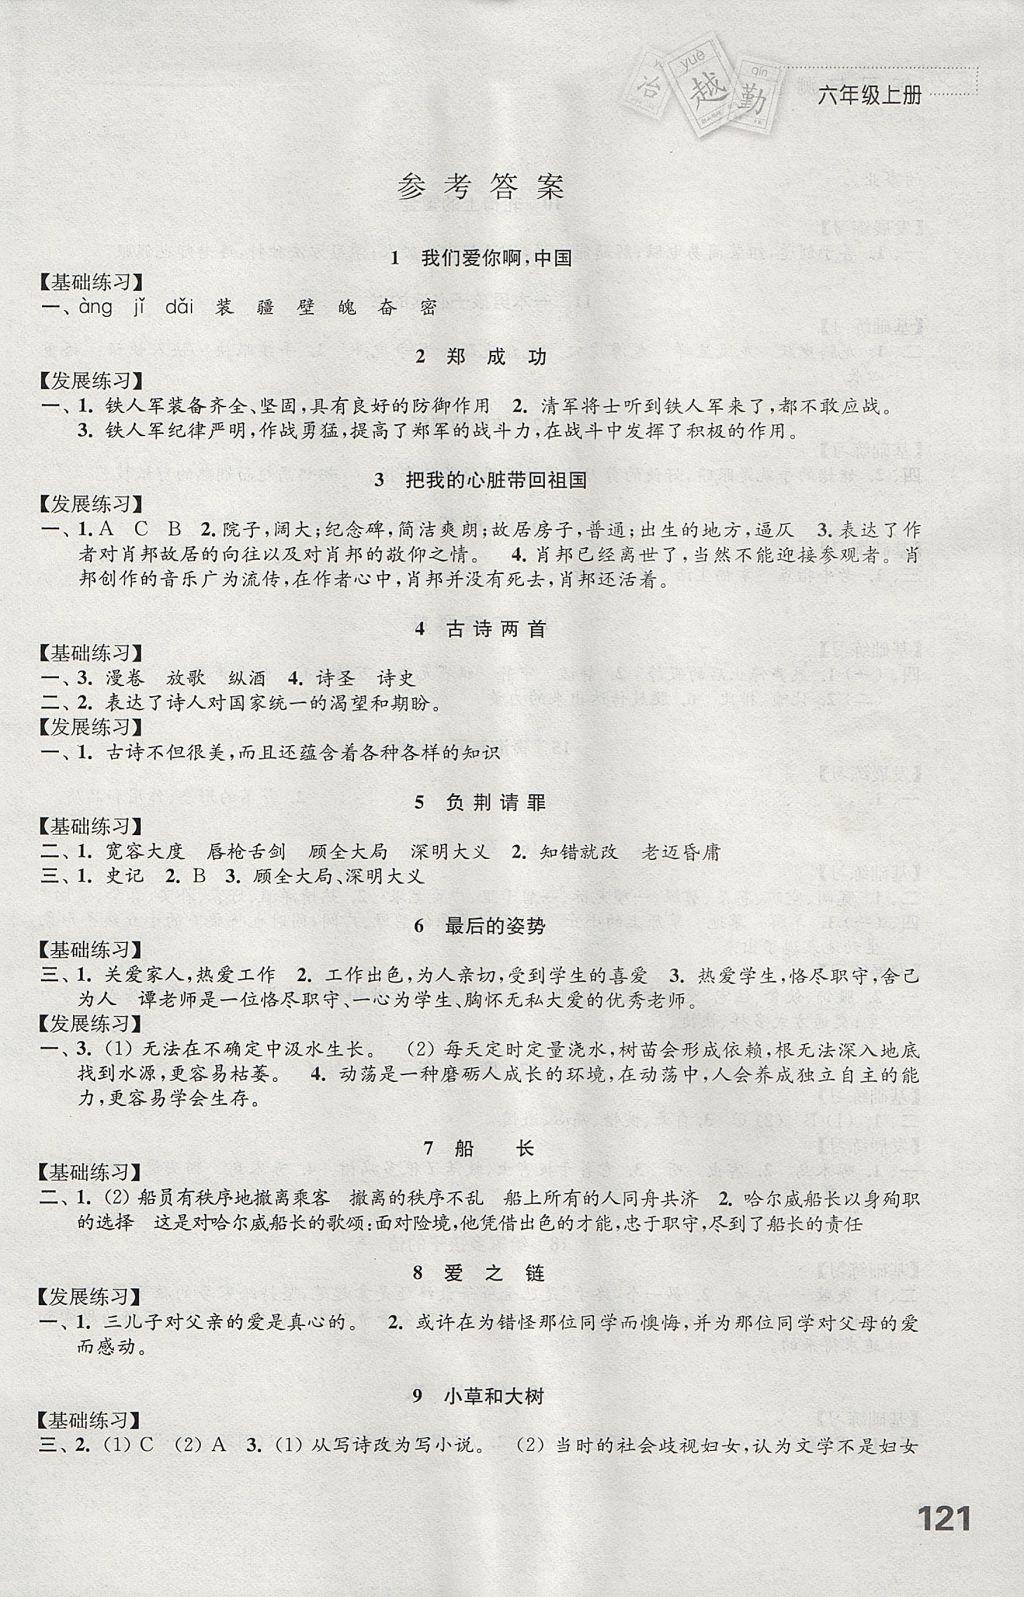 2017年练习与测试小学语文六年级上册苏教版参考答案第1页